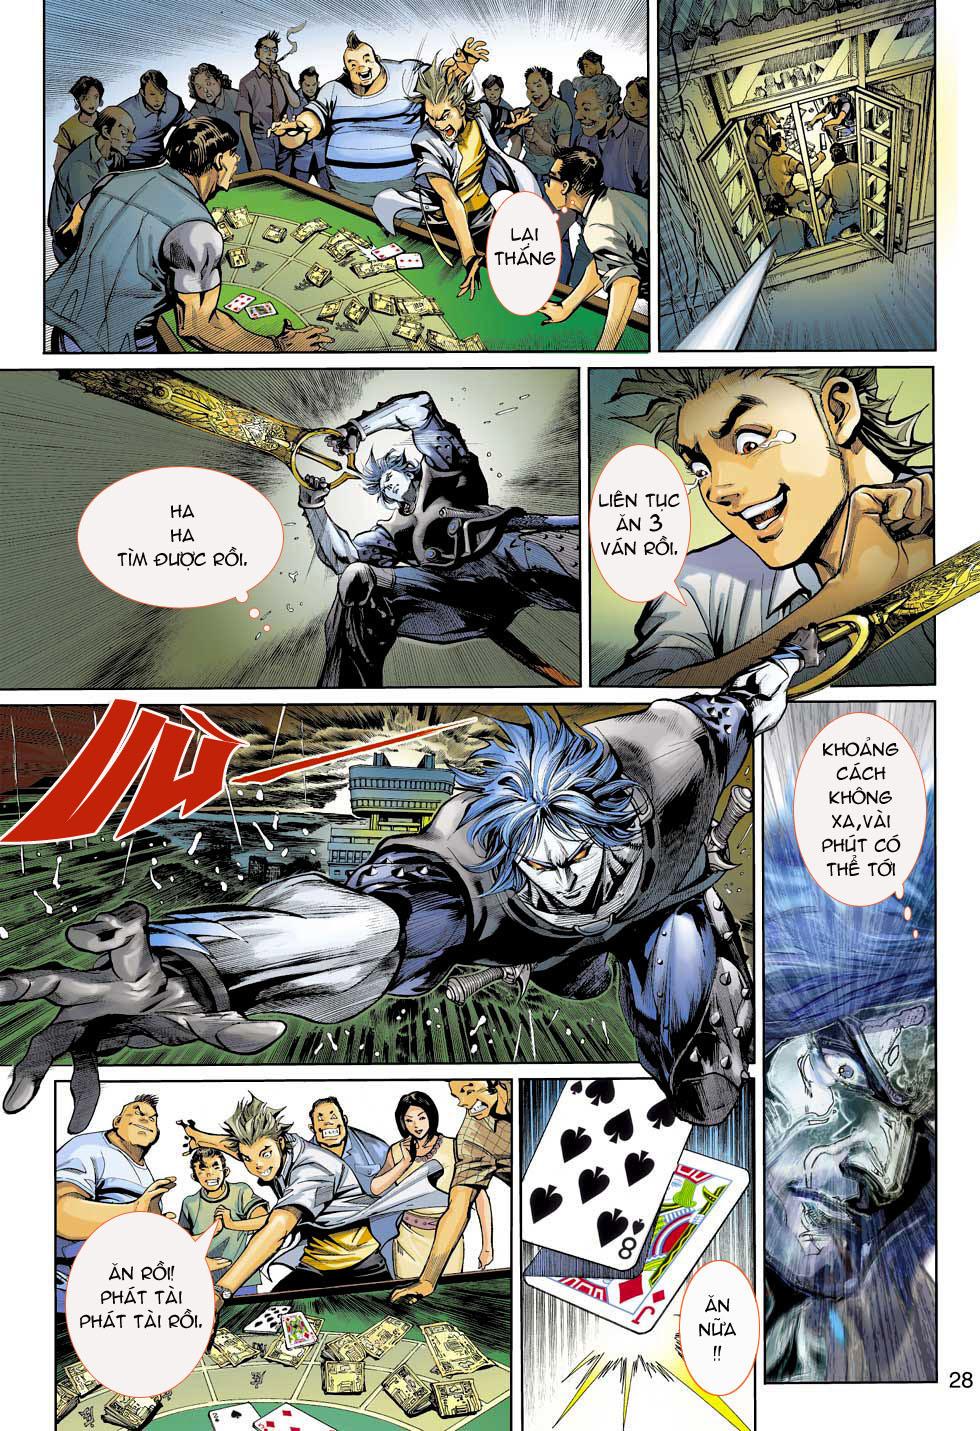 Thần Binh 4 chap 3 - Trang 28